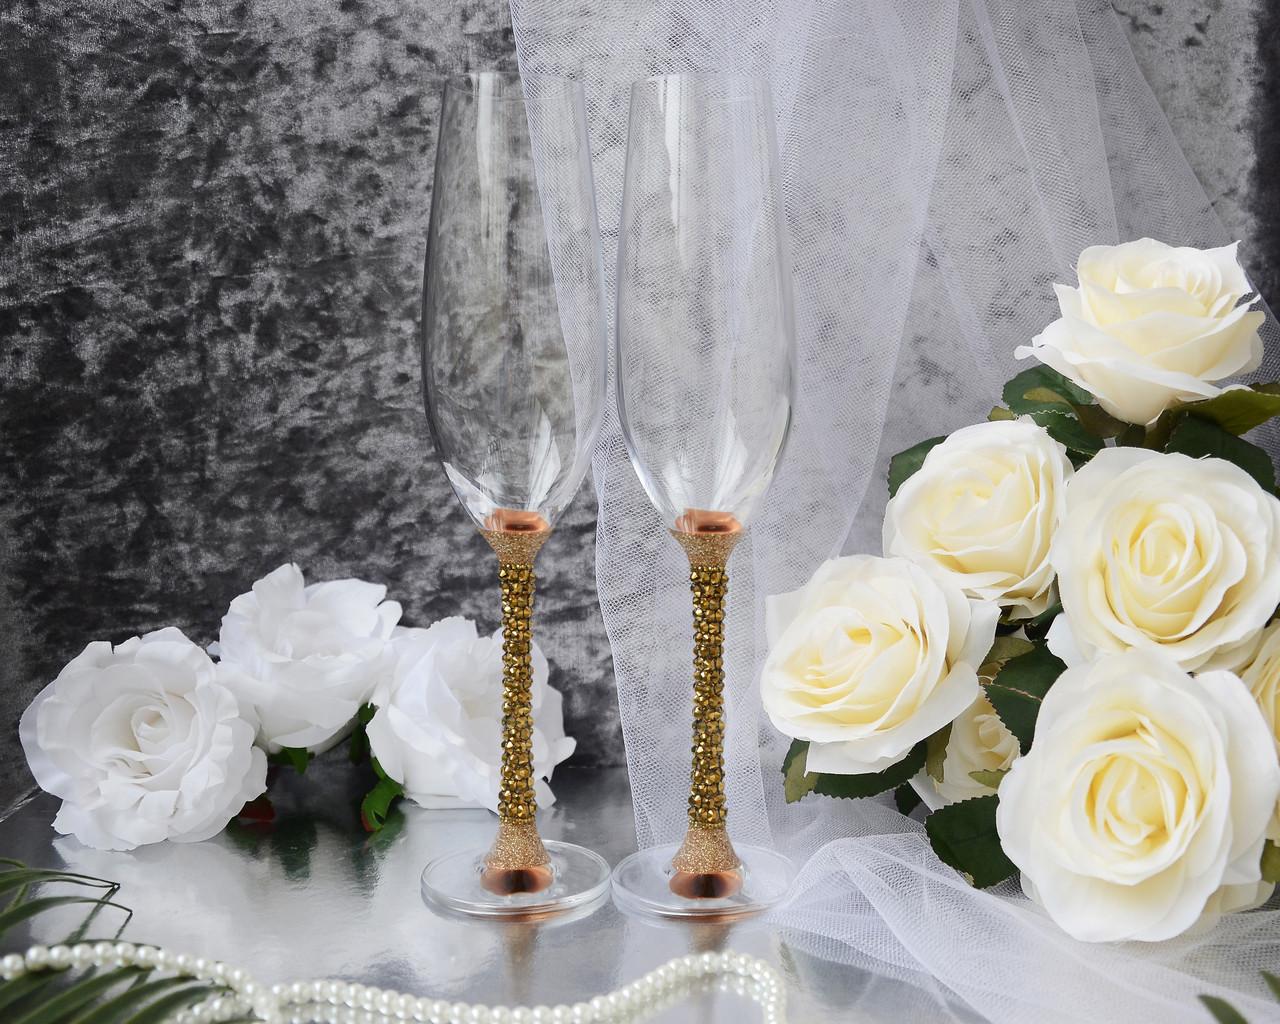 Свадебные бокалы для молодоженов ручной работы. Ножка украшена стразами